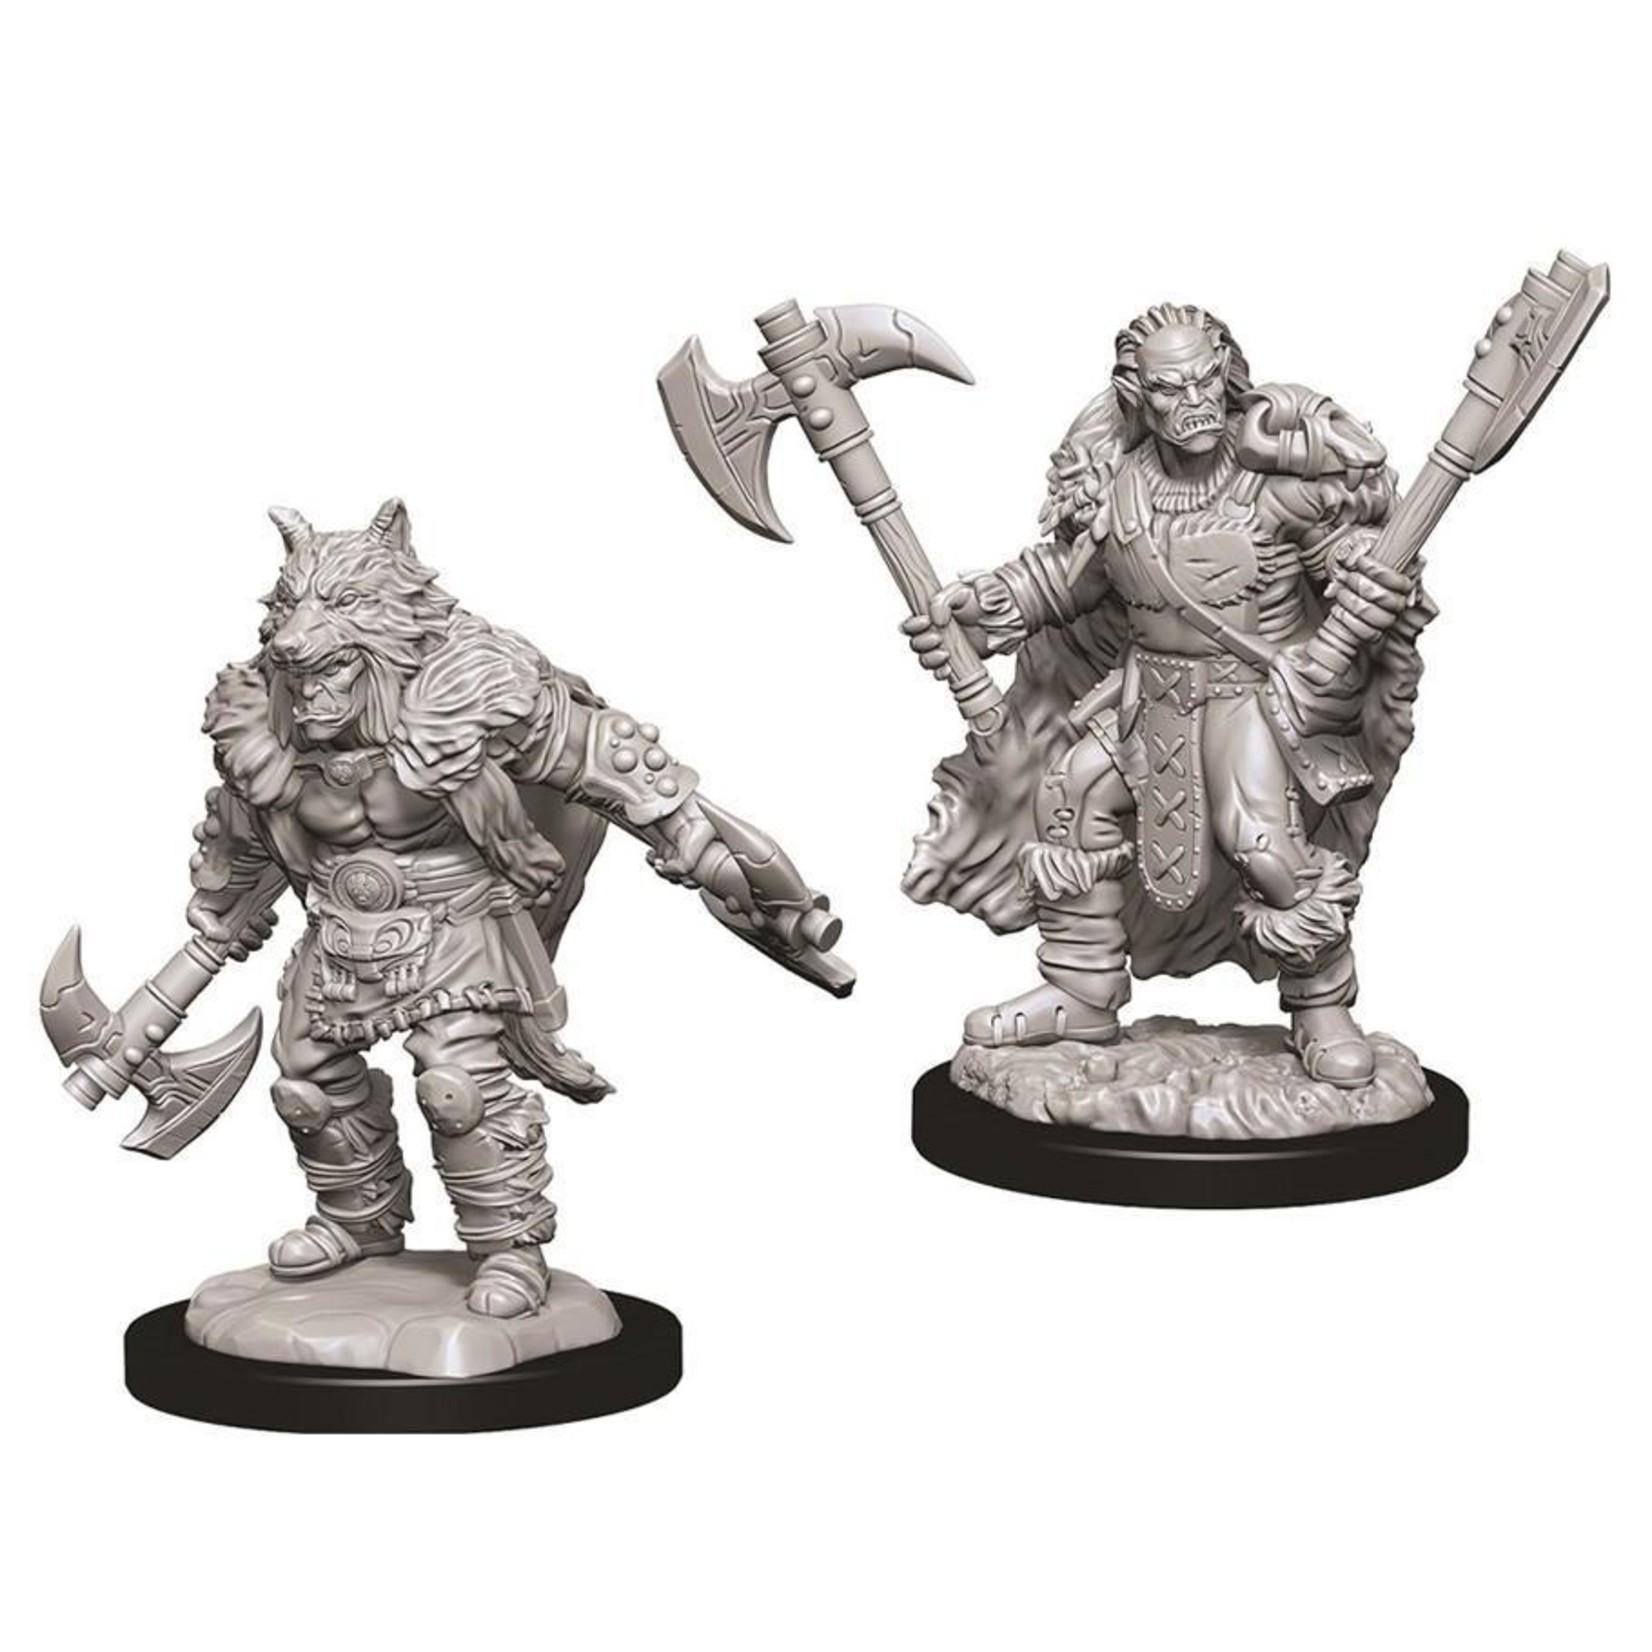 WizKids/Neca 73704 Nolzur's Male Half-Orc Barbarian